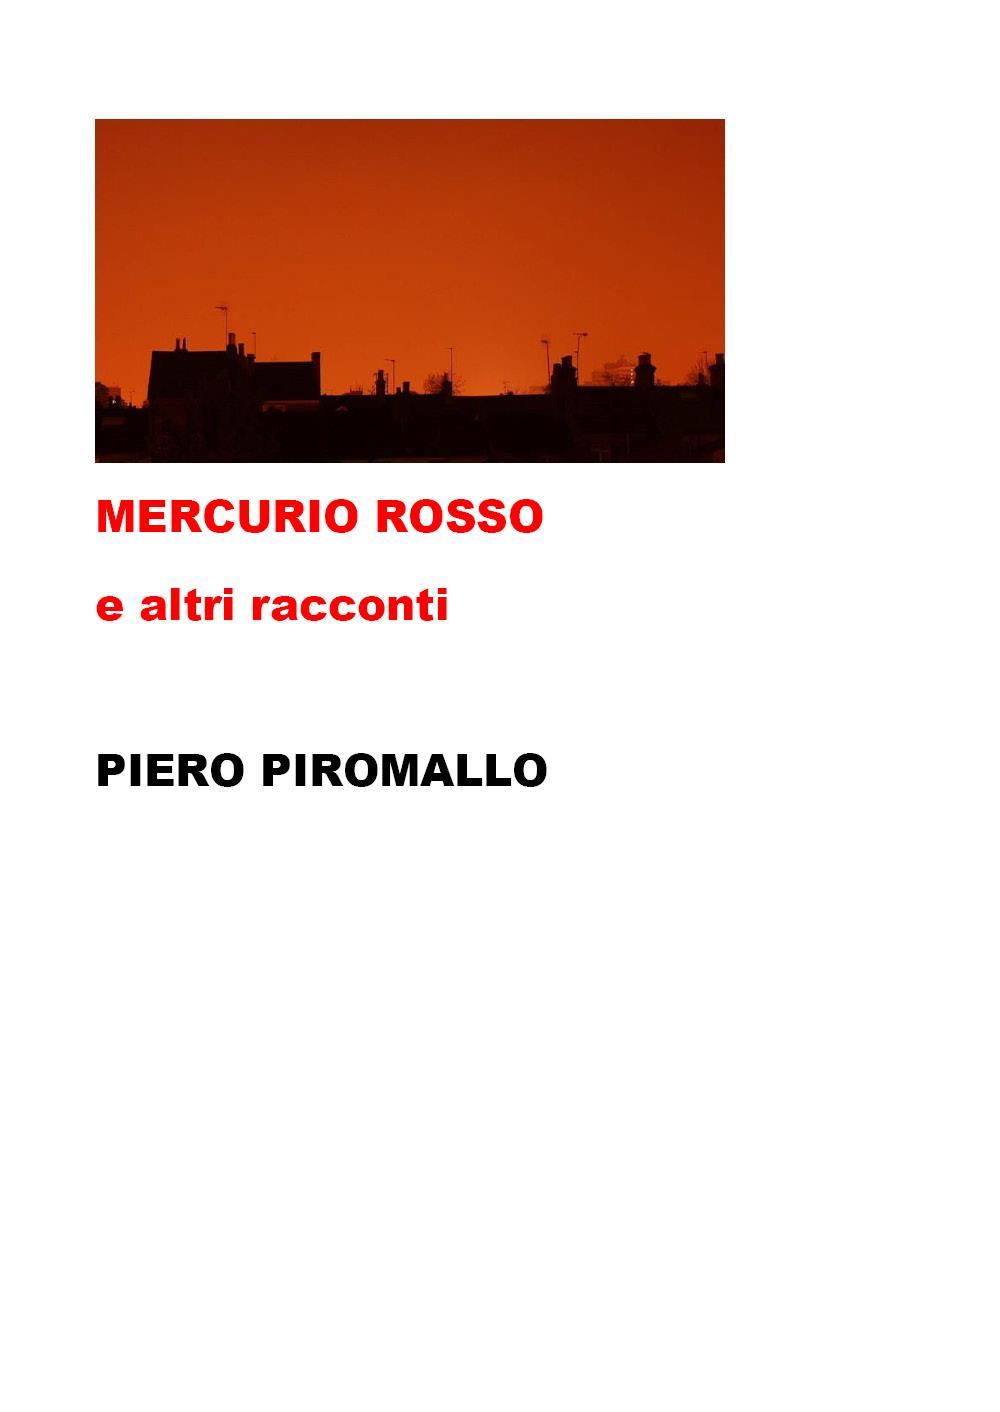 MERCURIO ROSSO e altri racconti